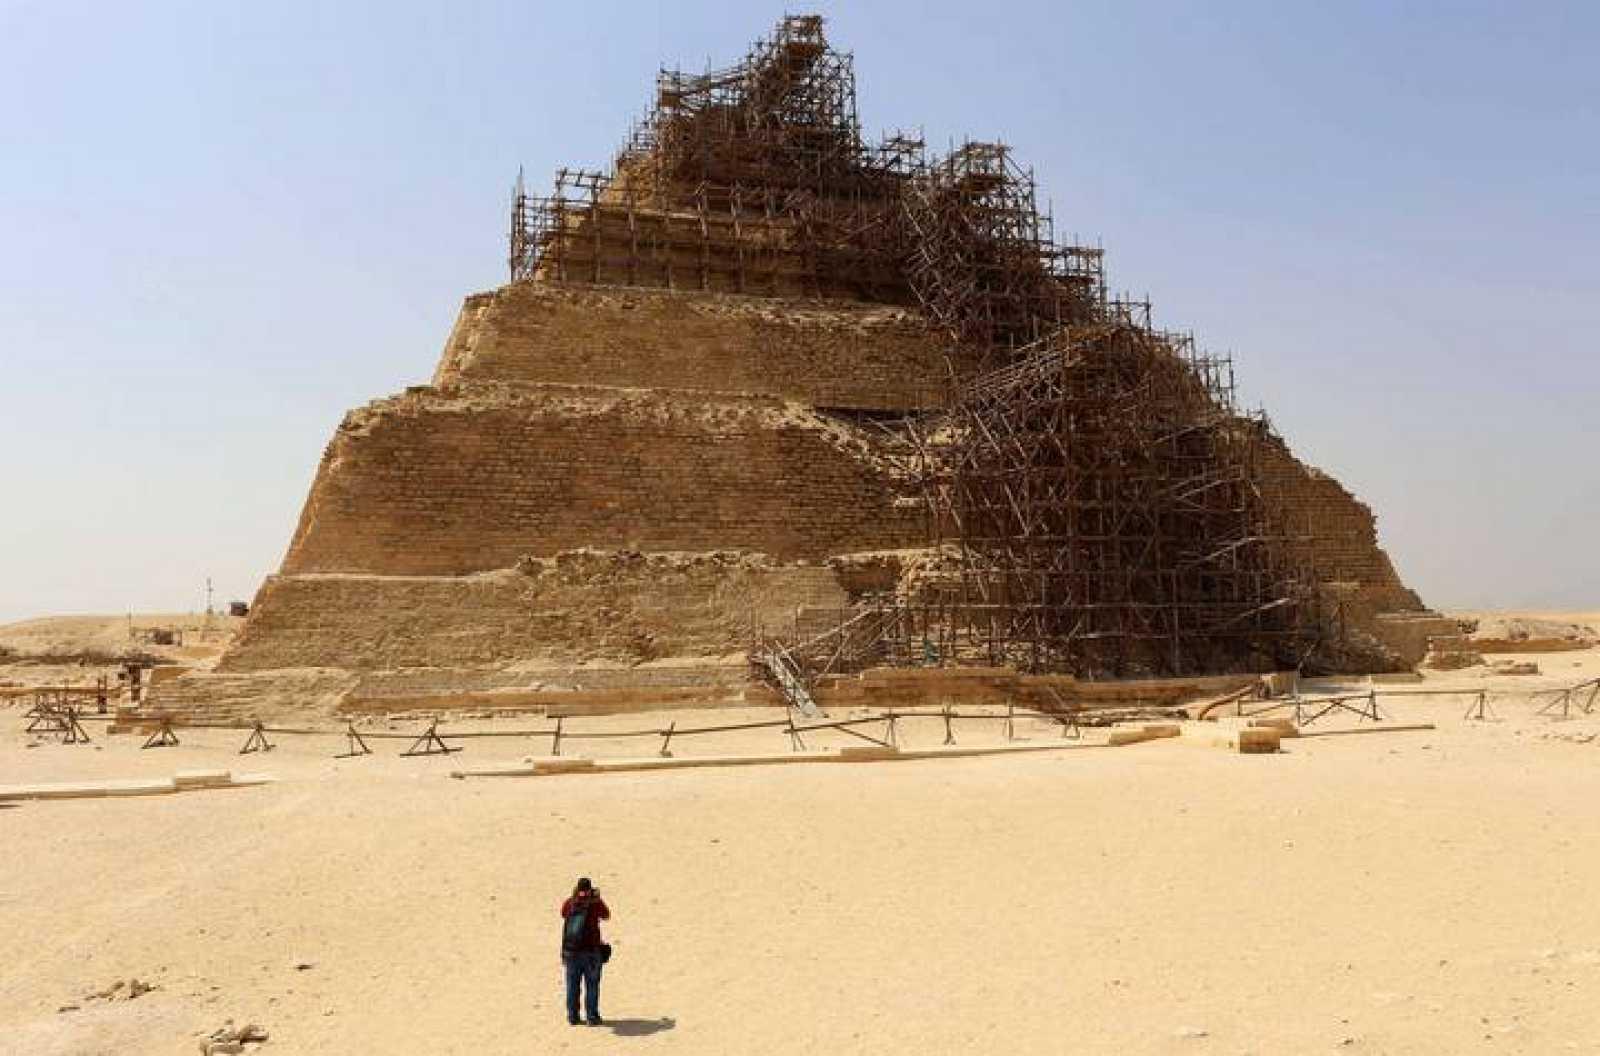 La pirámide de Zoser, en Saqqara, con los andamios del proceso de restauración.